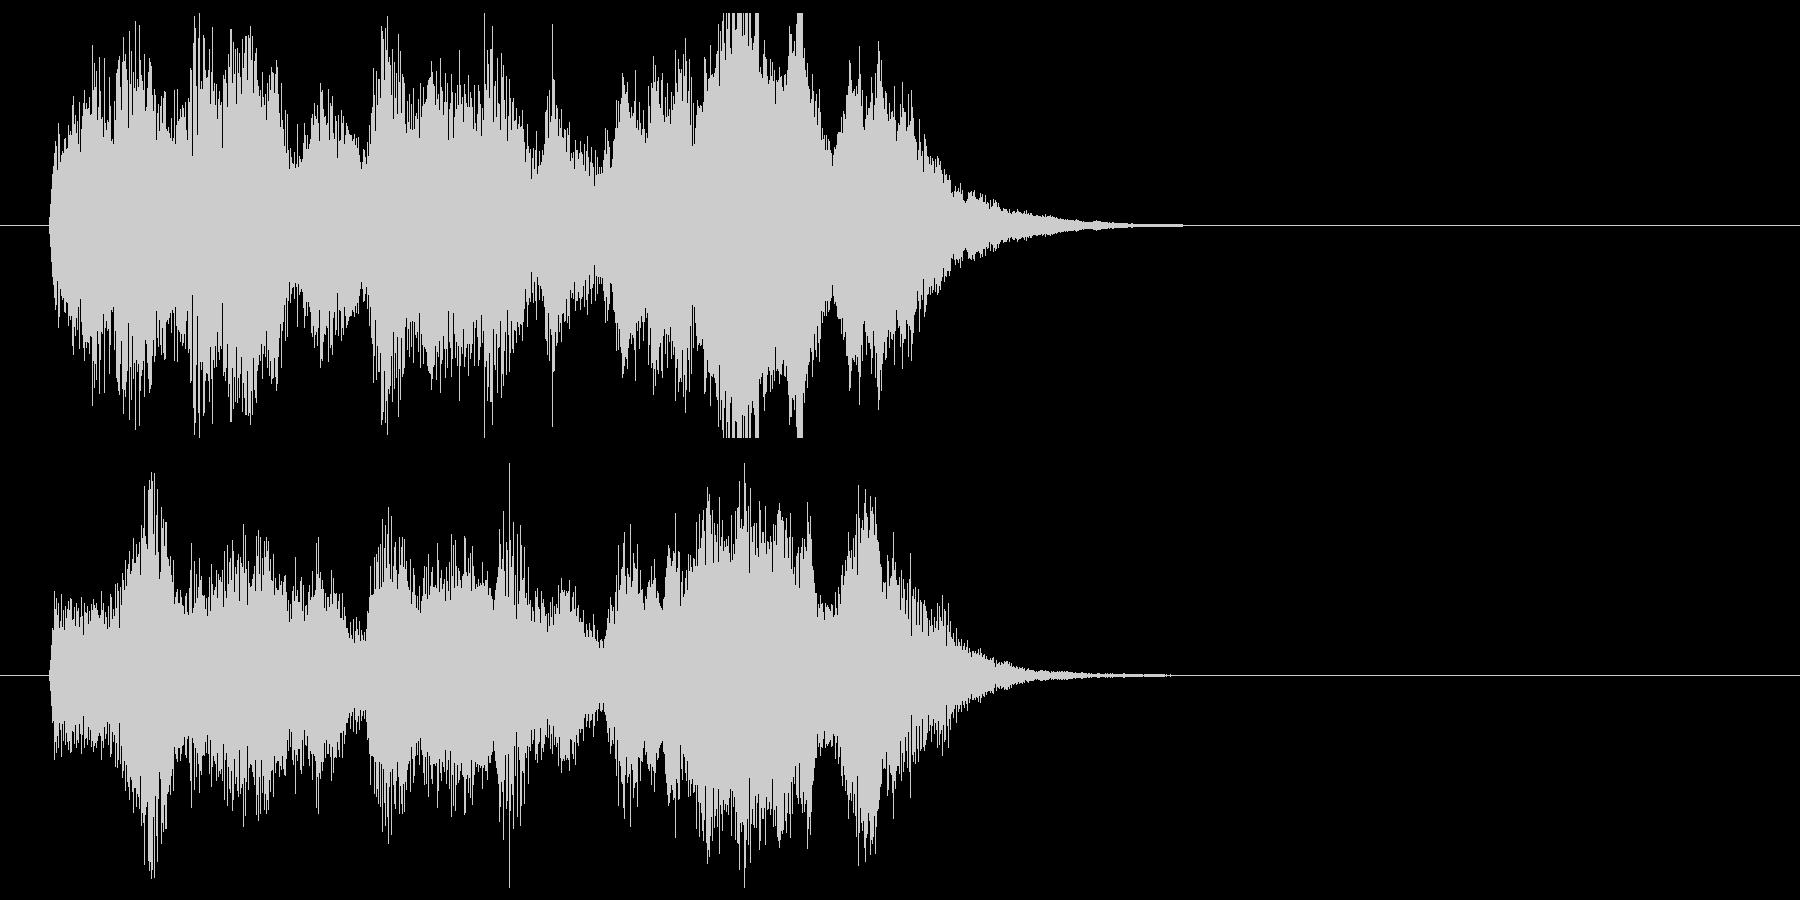 ポップでキャッチ―シンセジングルの未再生の波形